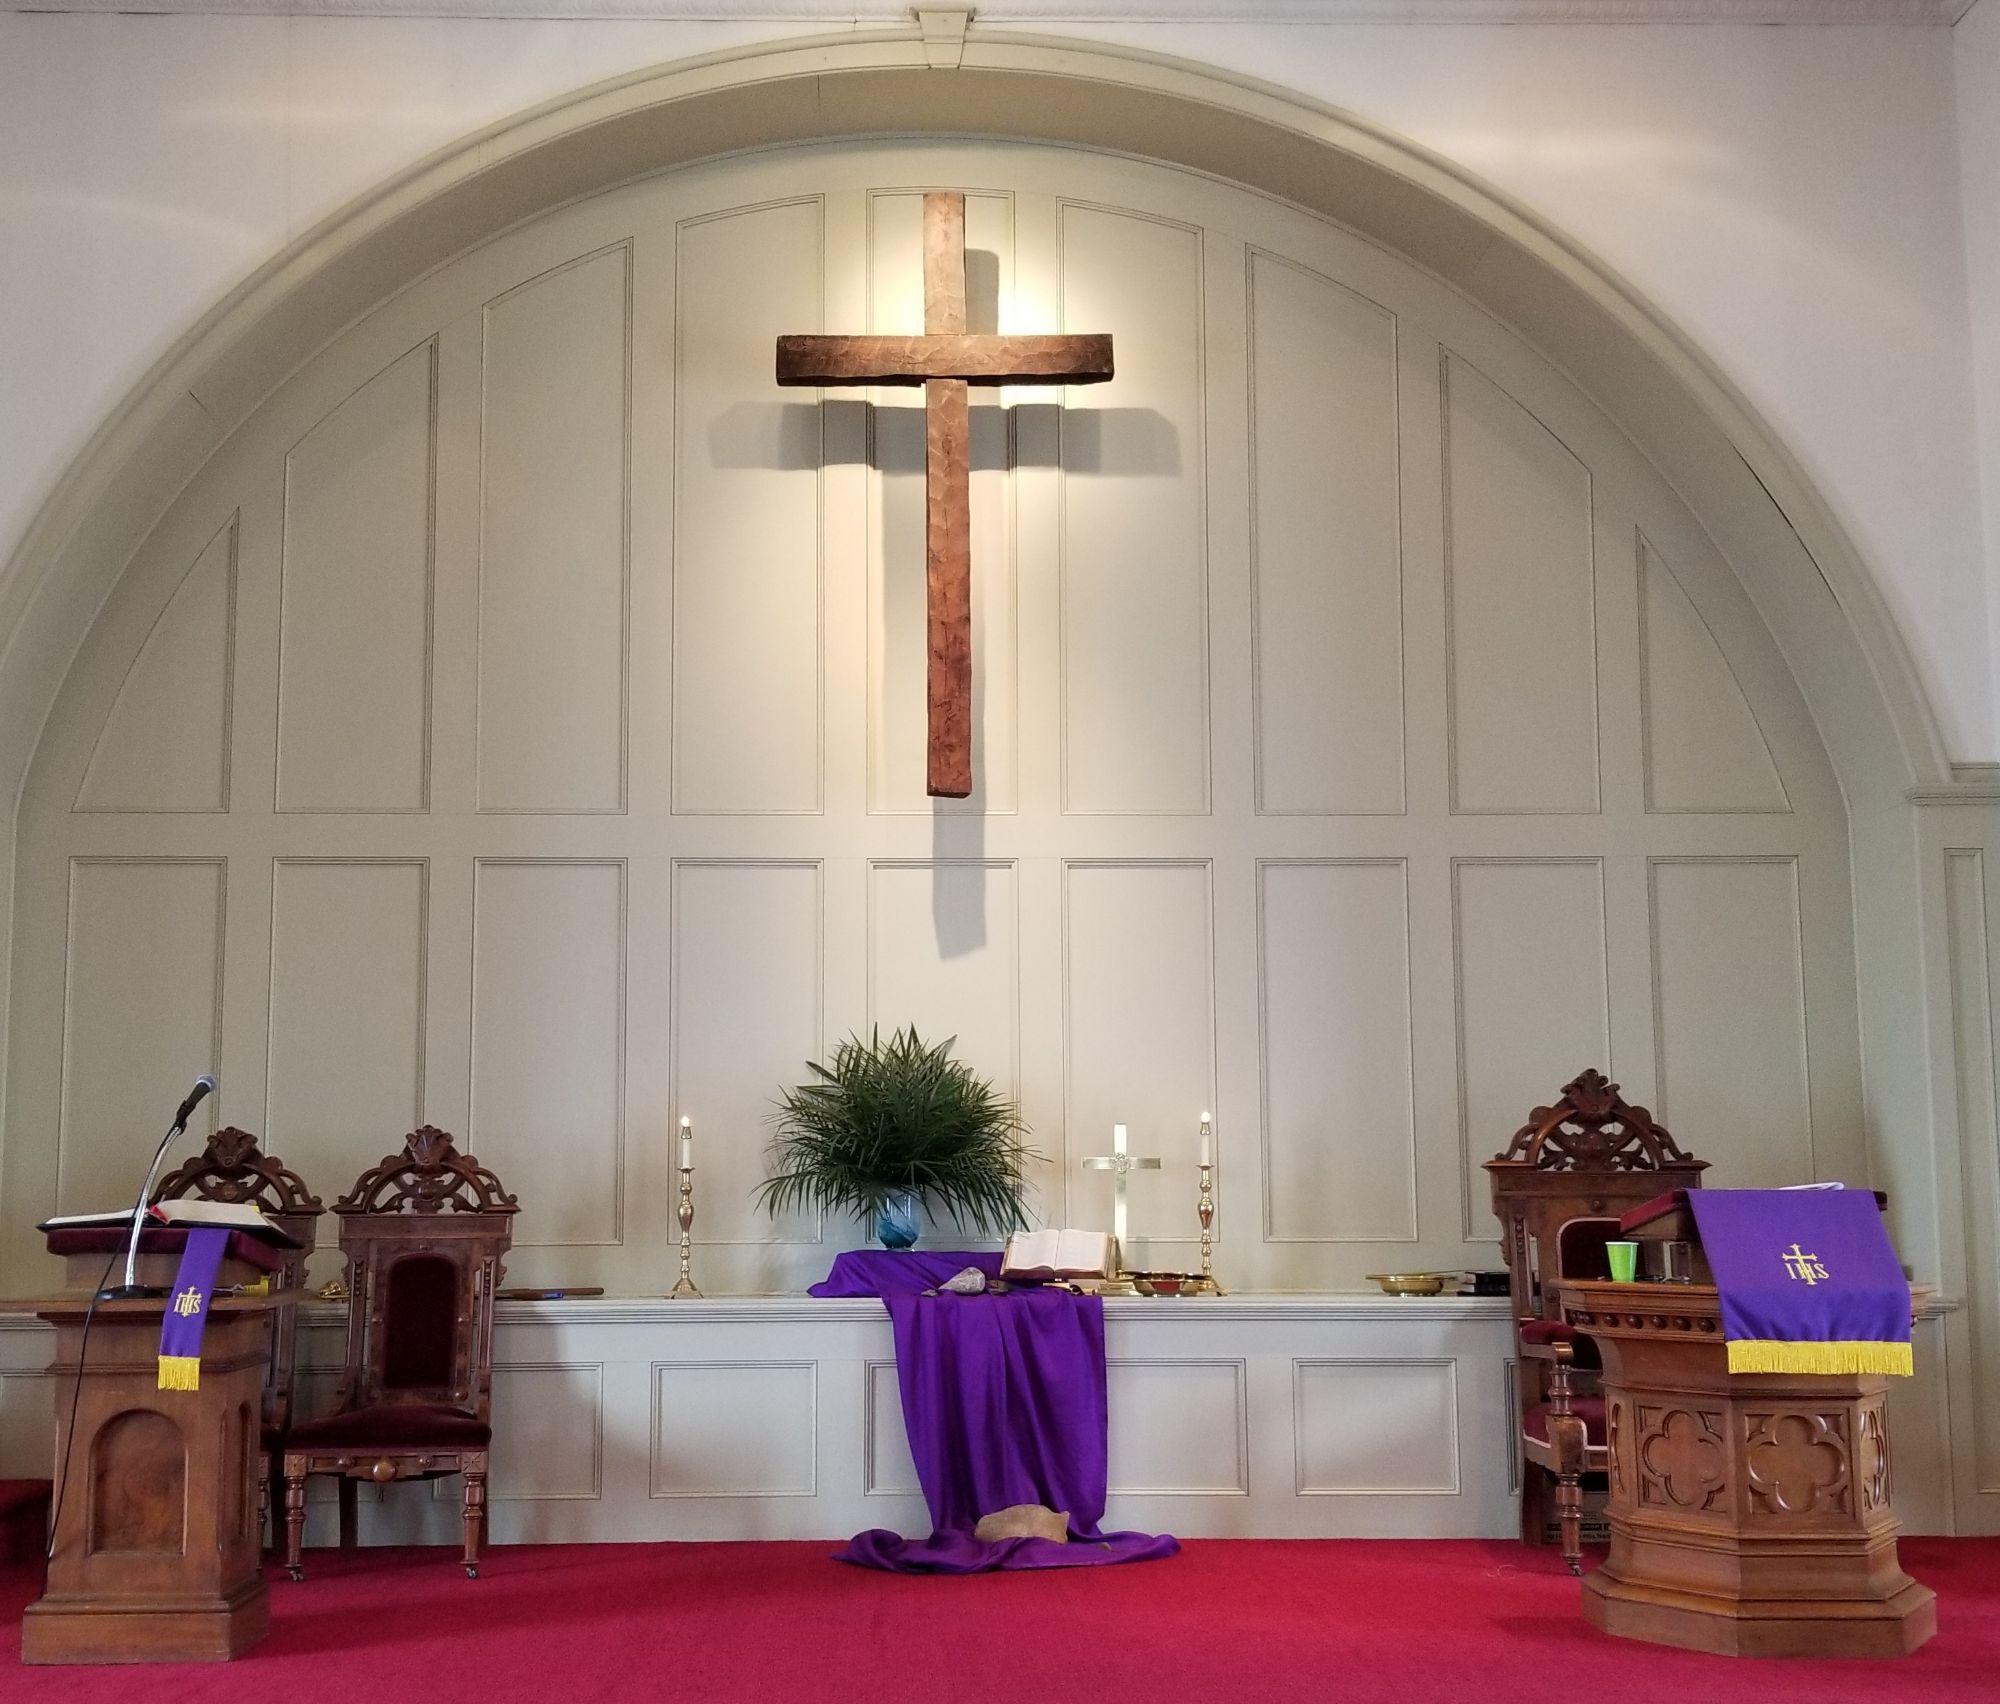 Sanctuary Picture